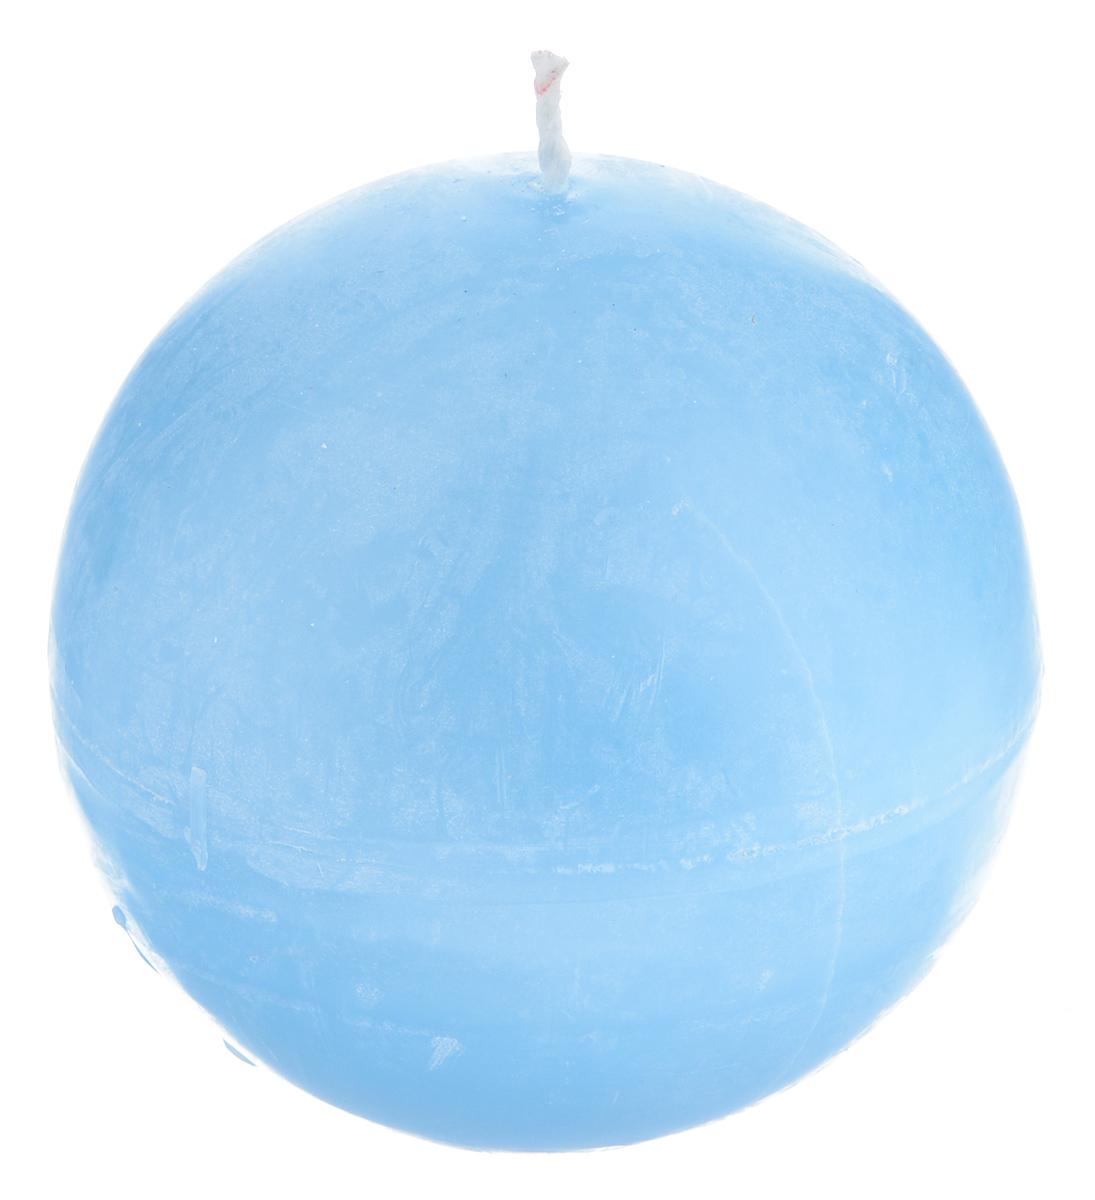 Свеча декоративная Proffi Шар, цвет: голубой, диаметр 7,5 смPH3452Шарообразная декоративная свеча Proffi Шар изготовлена из парафина и стеарина. Предназначена для освещения и украшения помещений. Такая свеча может стать отличным подарком или дополнить интерьер вашей спальни или гостиной.